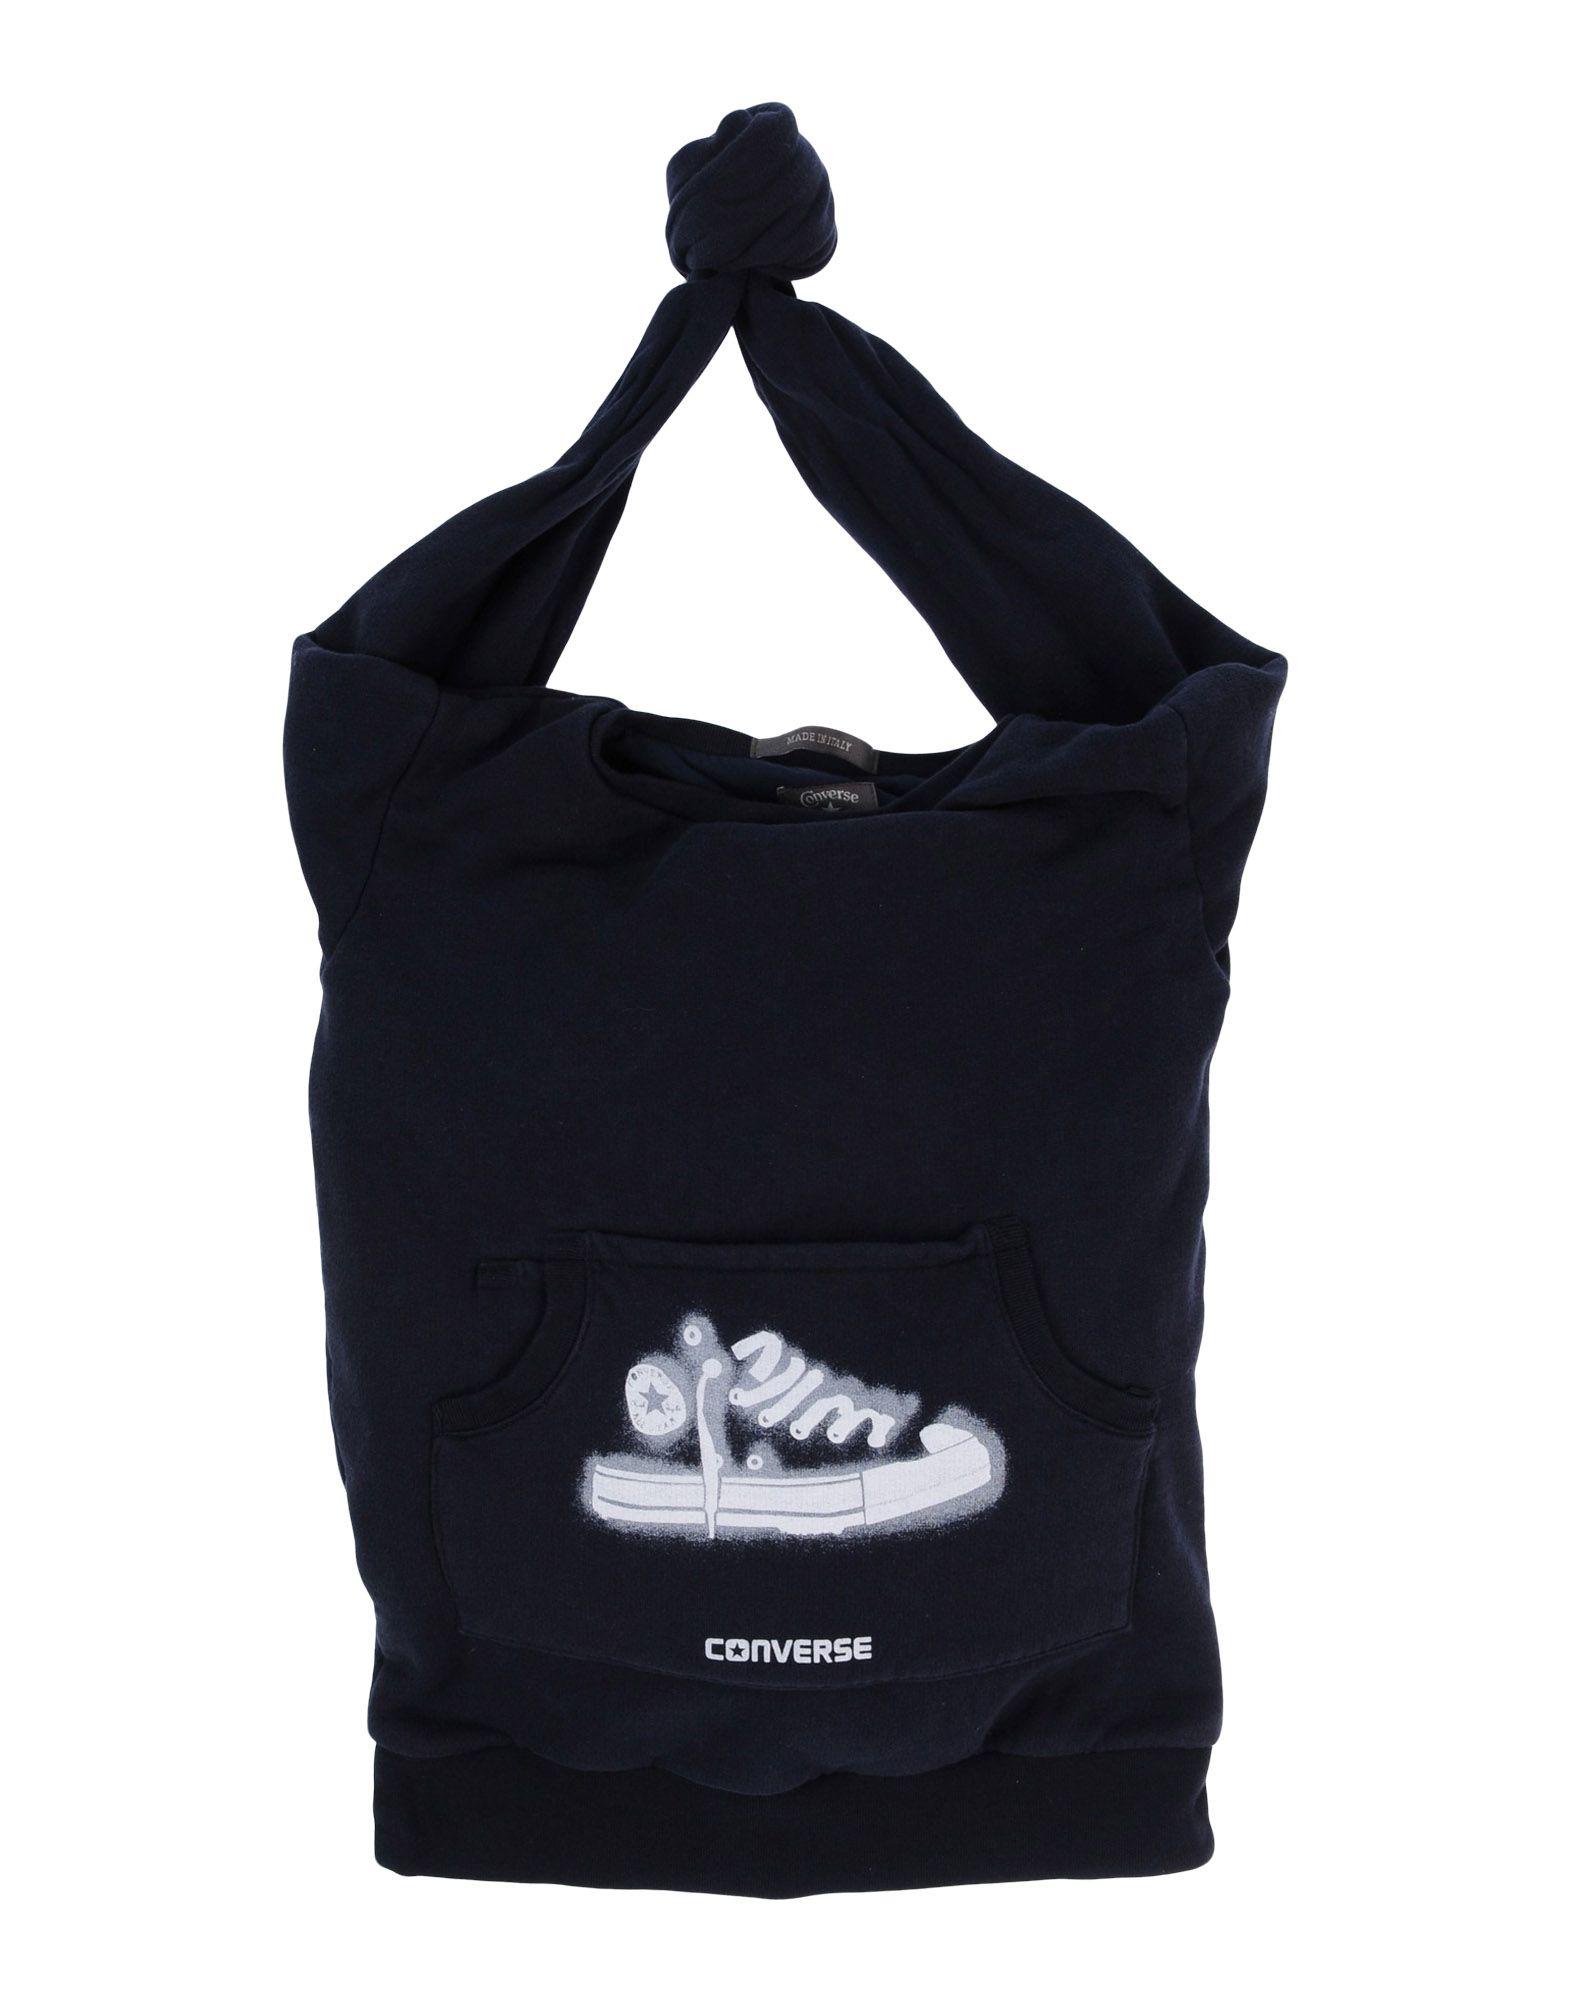 5c28934e2709 Женские сумки Converse купить в интернет магазине - официальный сайт ...